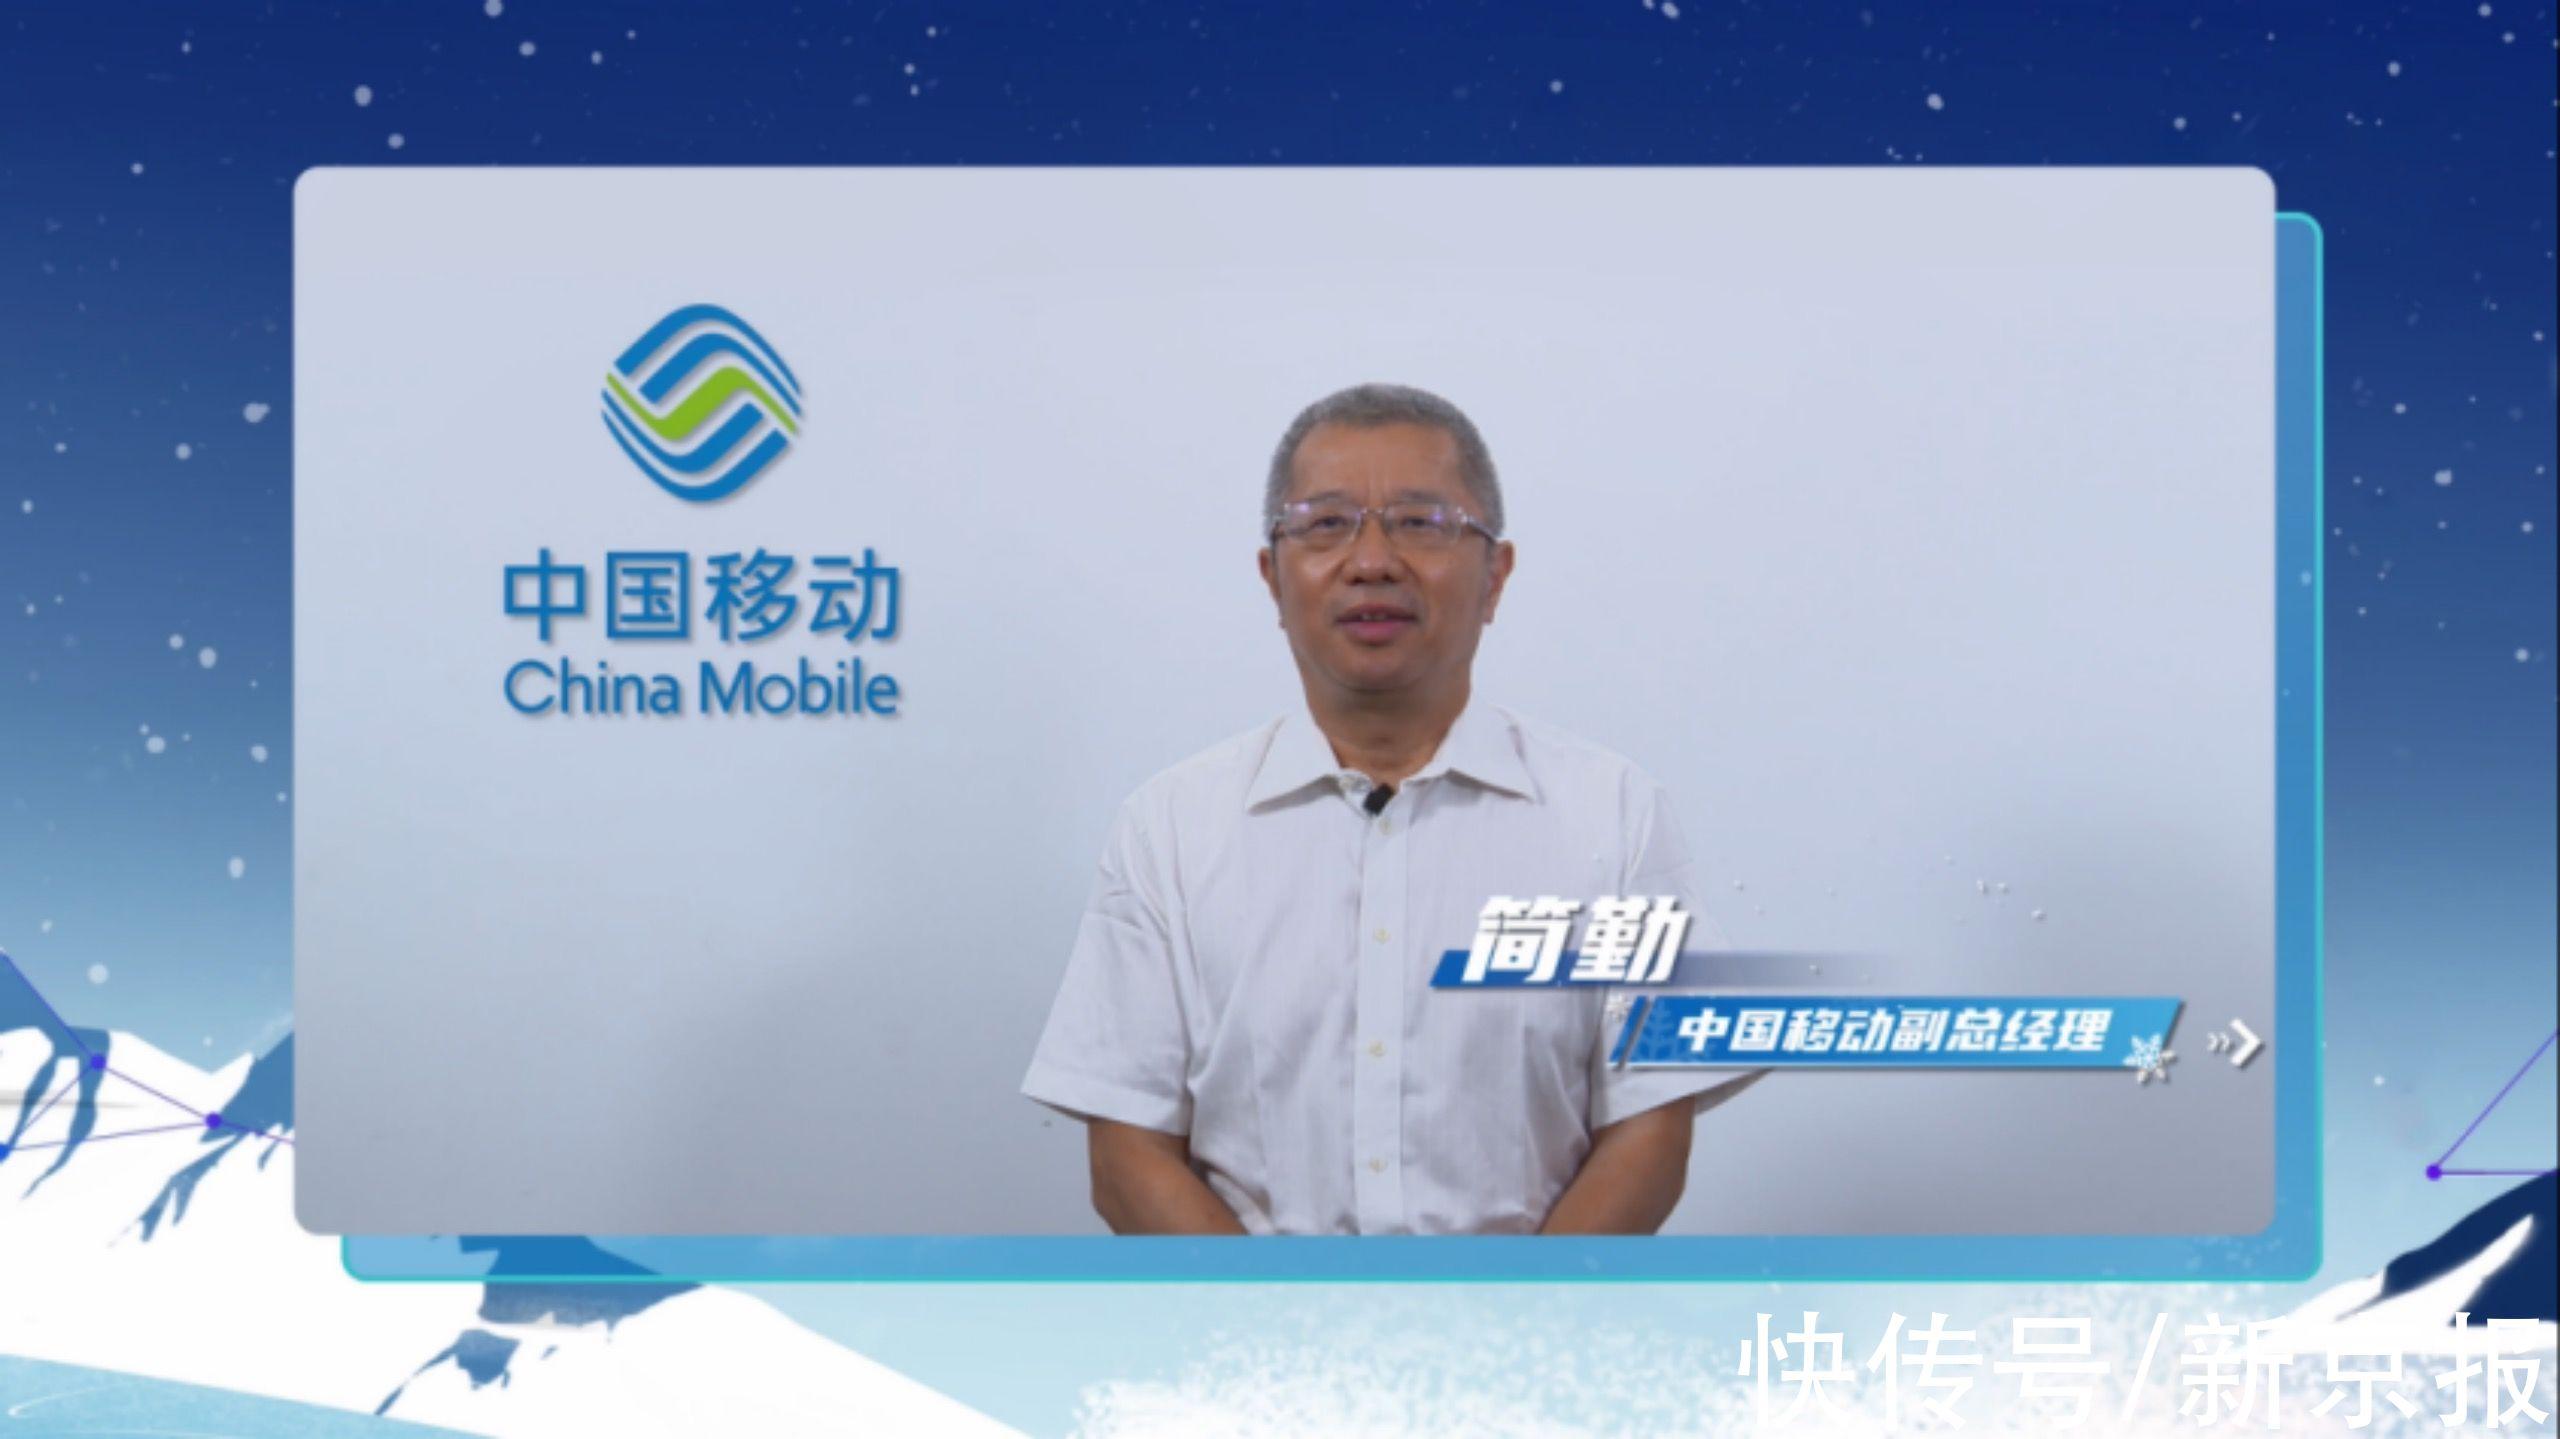 5g+|中国移动简勤:加速5G+体育融合发展,带动三亿人参与冰雪运动